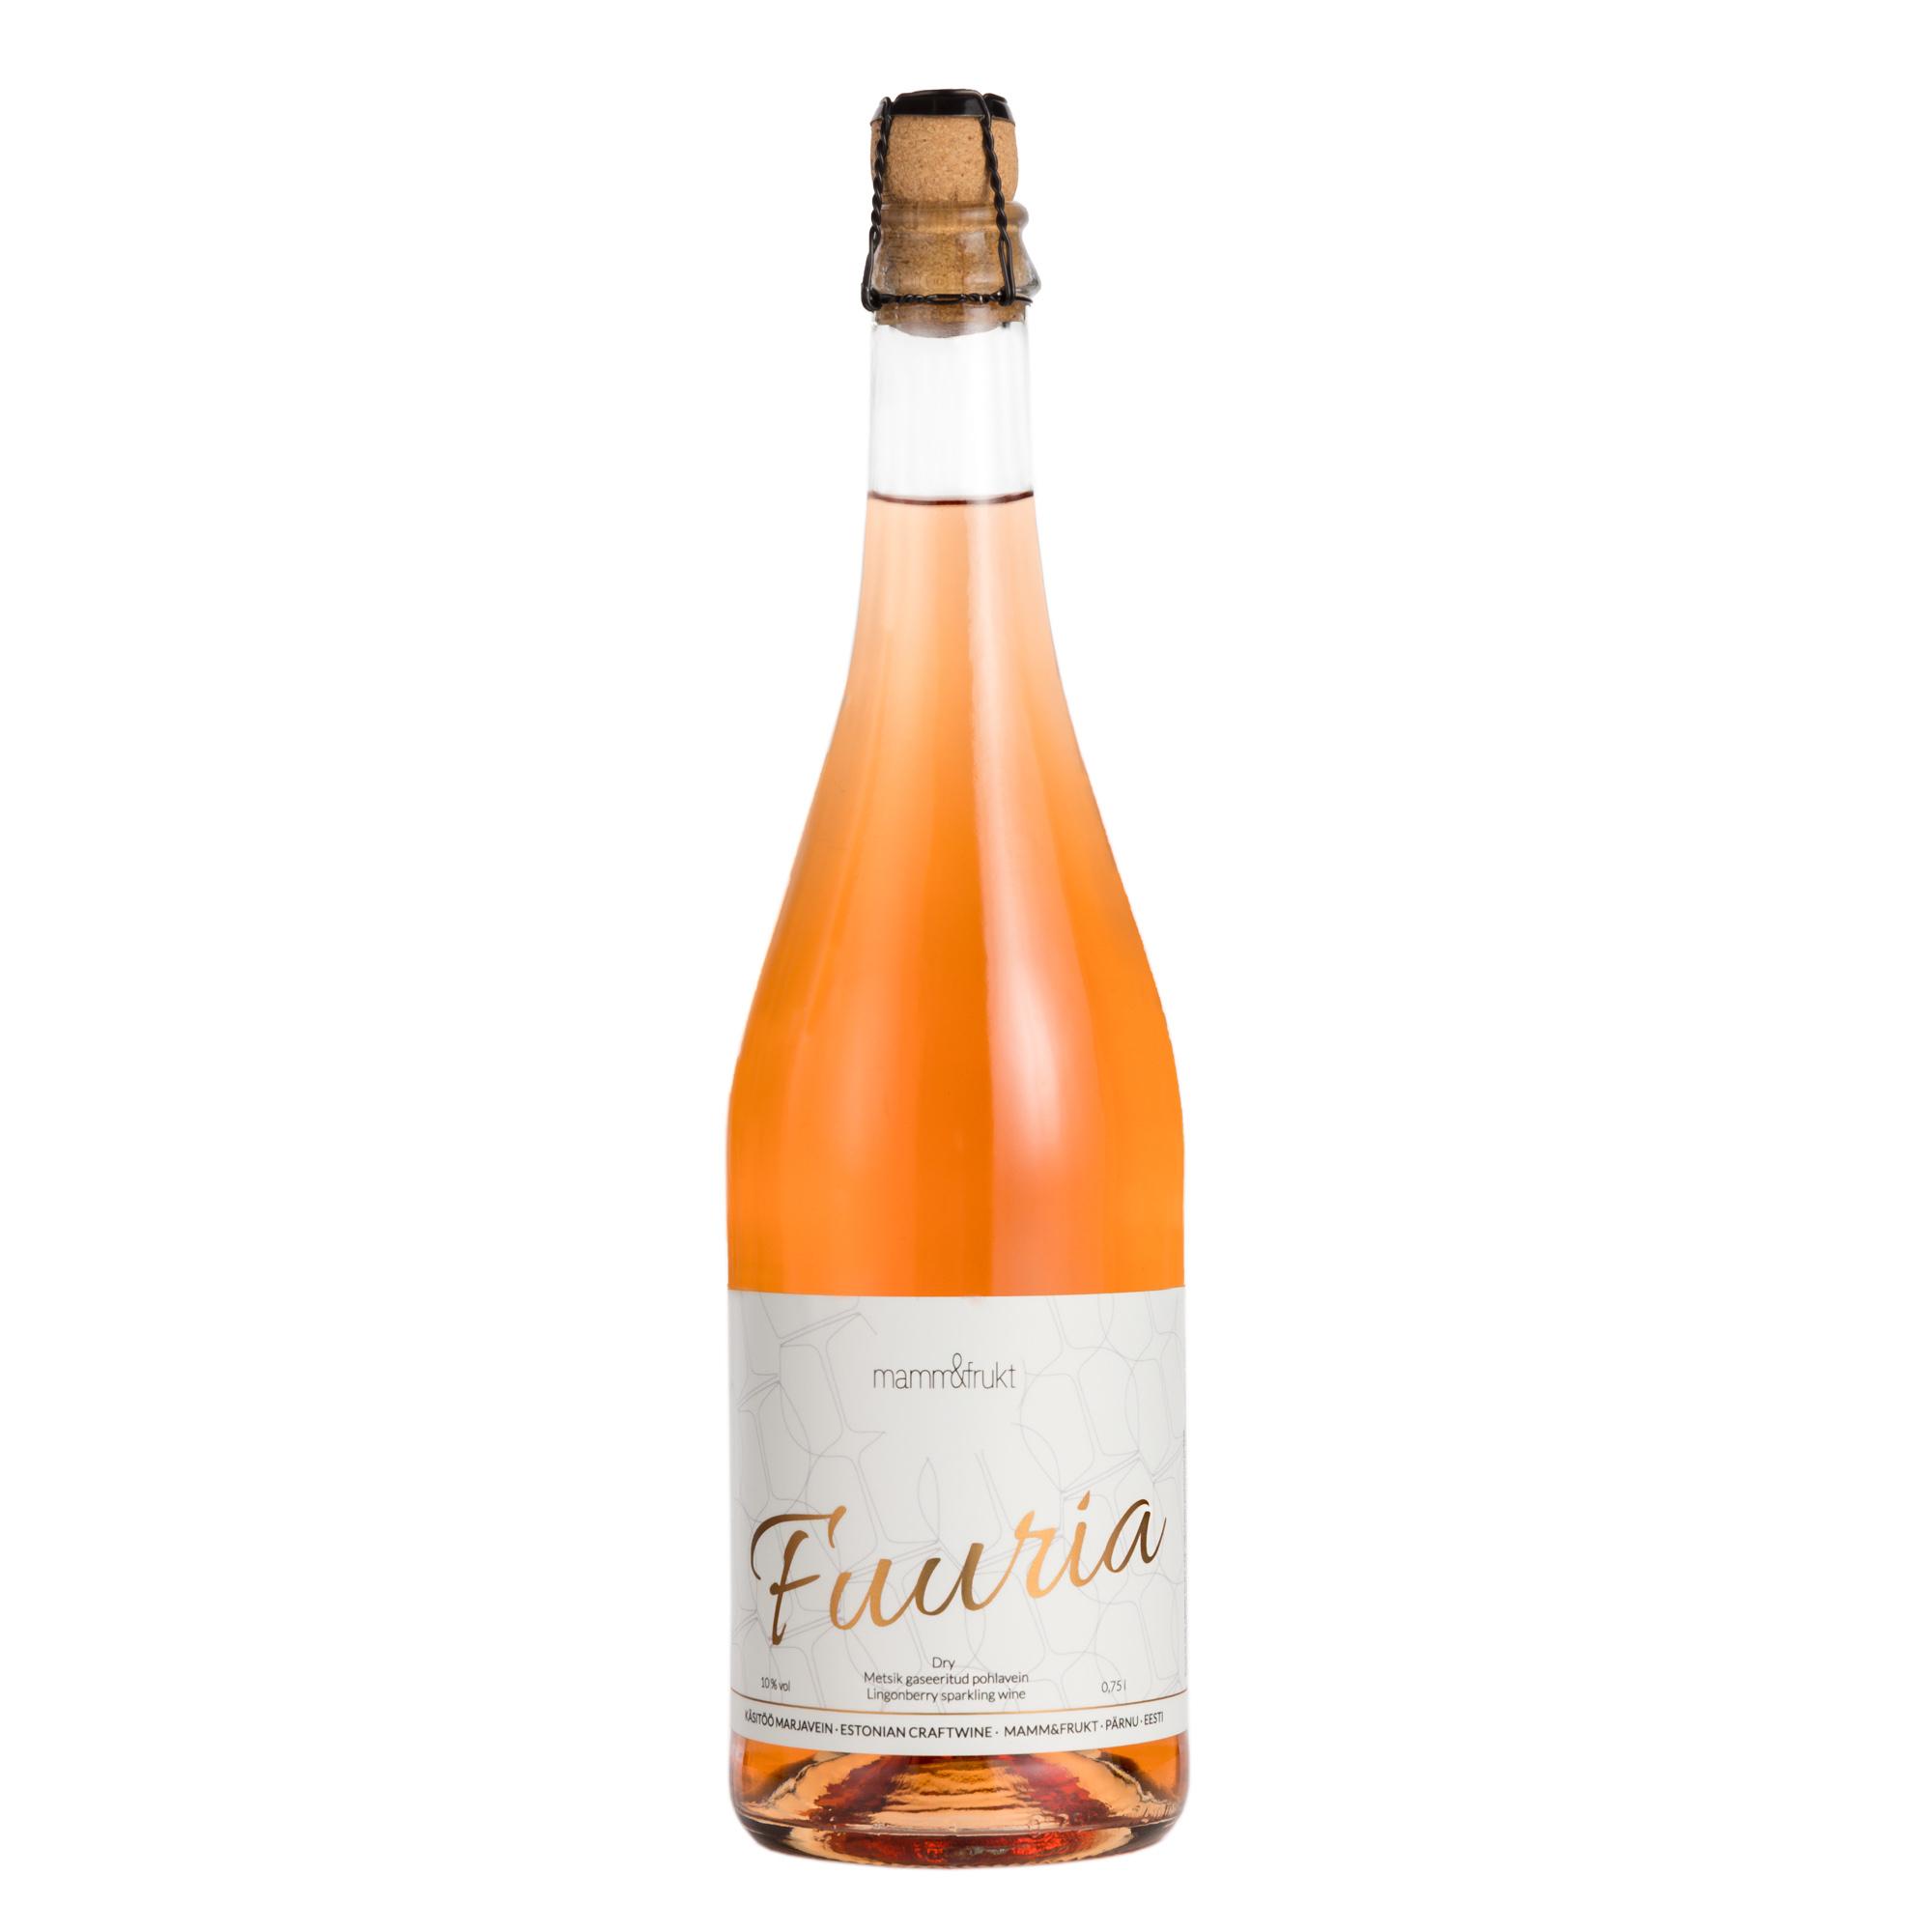 Mamm&Frukt-Fuuria-pohla-vahuvein-eesti-vein-vahuvein